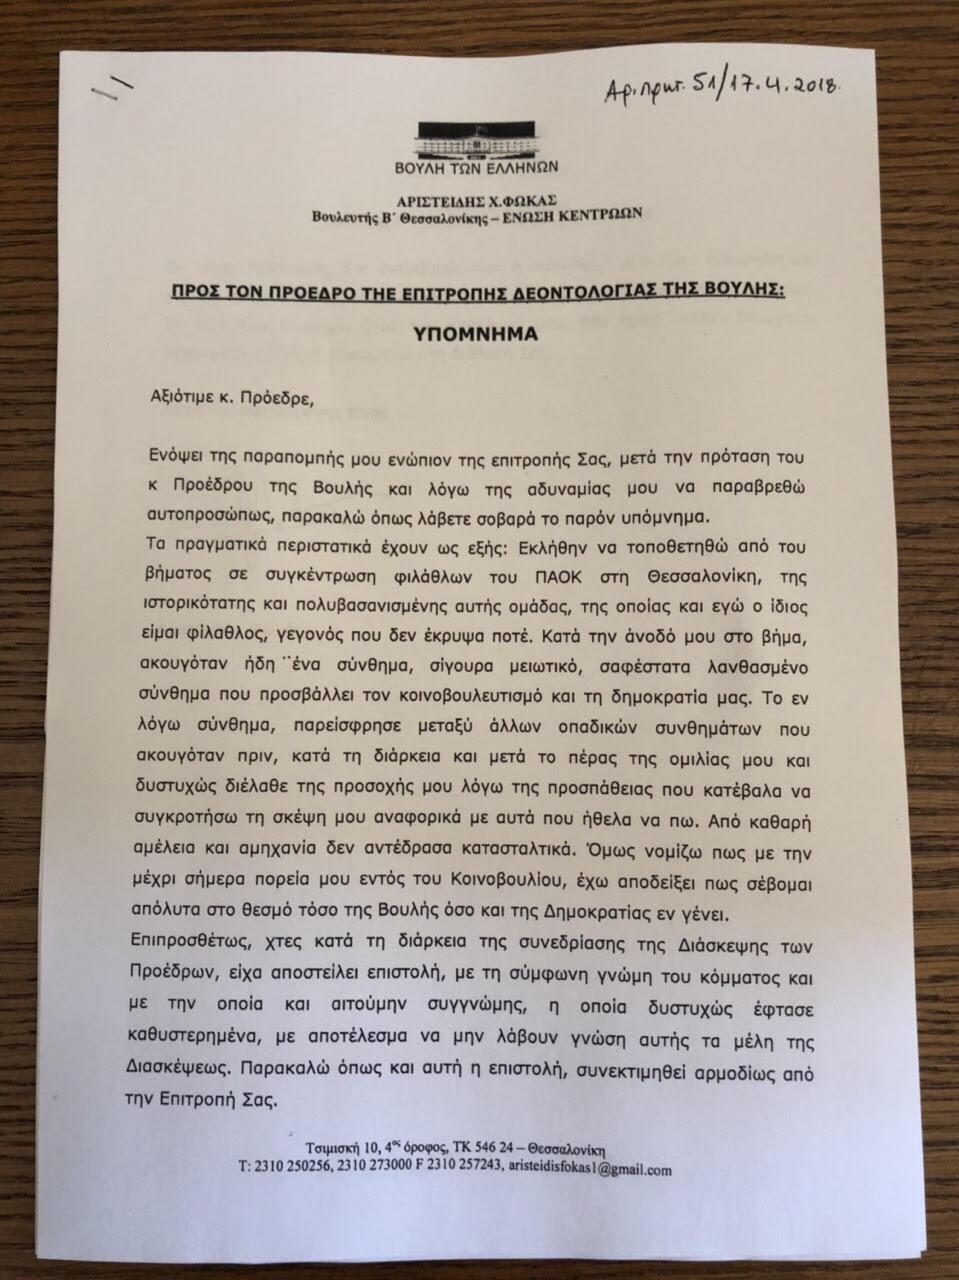 Υπόμνημα Φωκά: Από αμηχανία και αμέλεια δεν αντέδρασα στα συνθήματα κατά της Βουλής